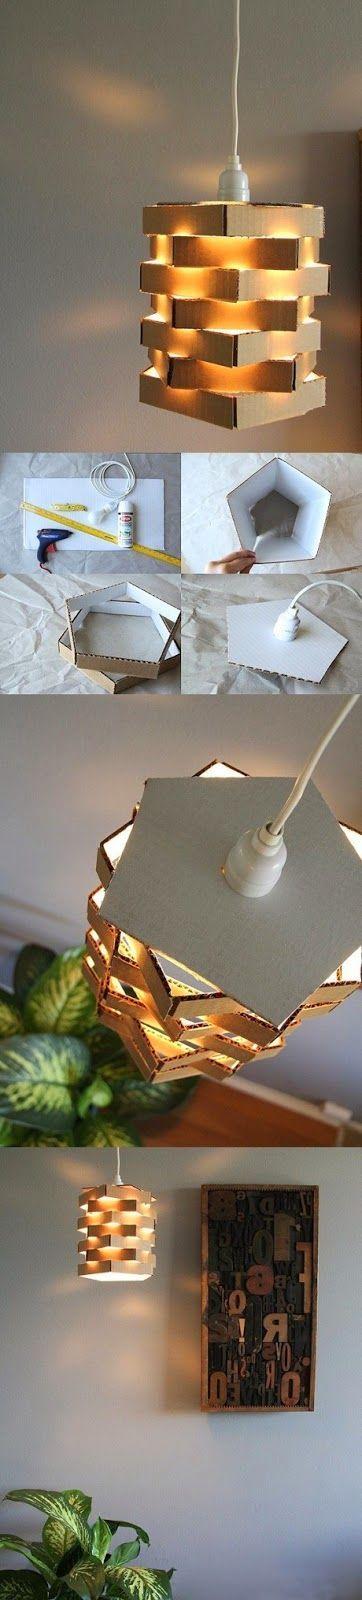 Sabia que é possível até fazer uma luminária com caixas de pizza?  Fica um item de decoração barato e muito charmoso.